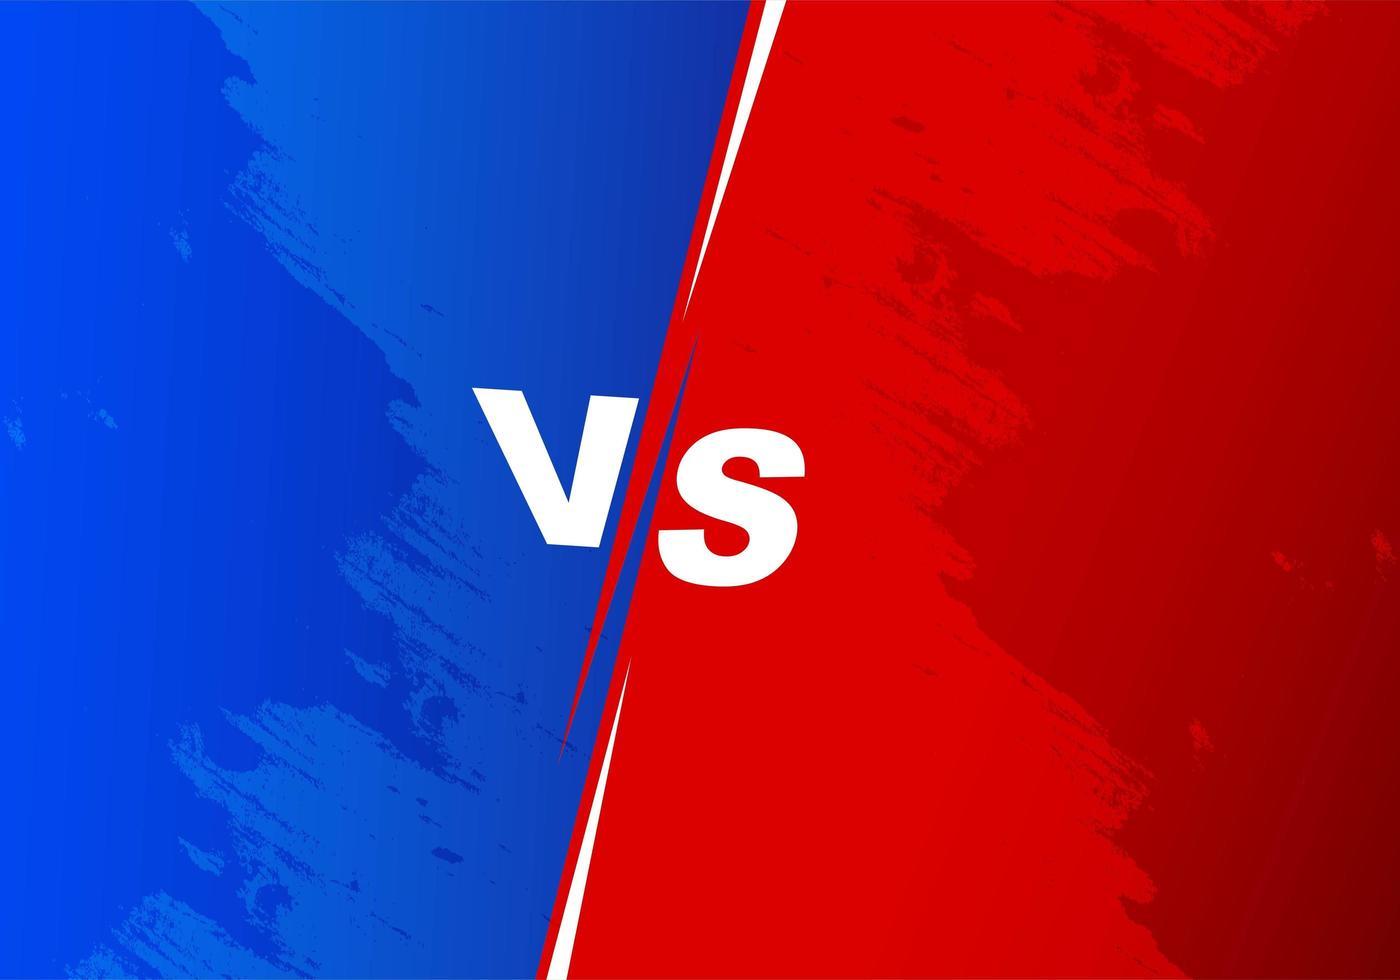 azul e vermelho versus tela dividida vetor